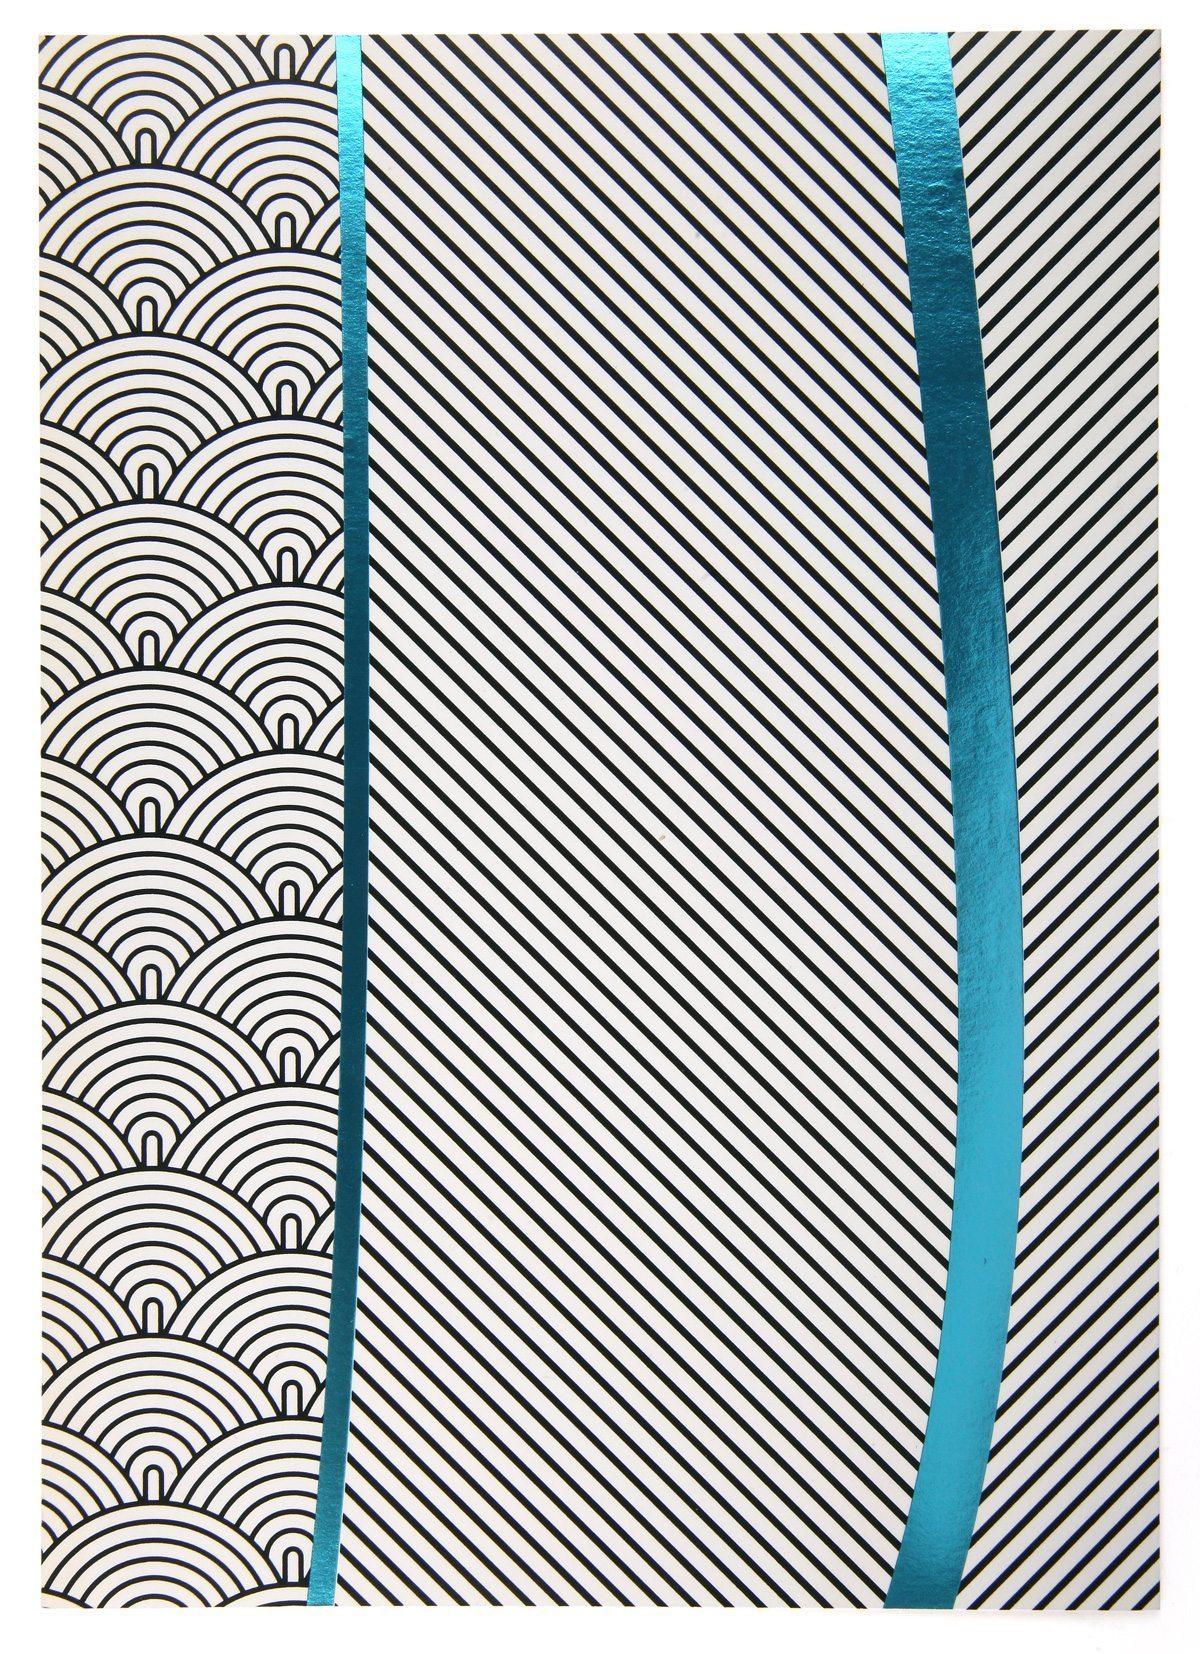 Carton d'invitation pour les lampes Moaïs de Ionna Vautrin pour la ToolsGalerie, dorure à chaud, design ichetkar